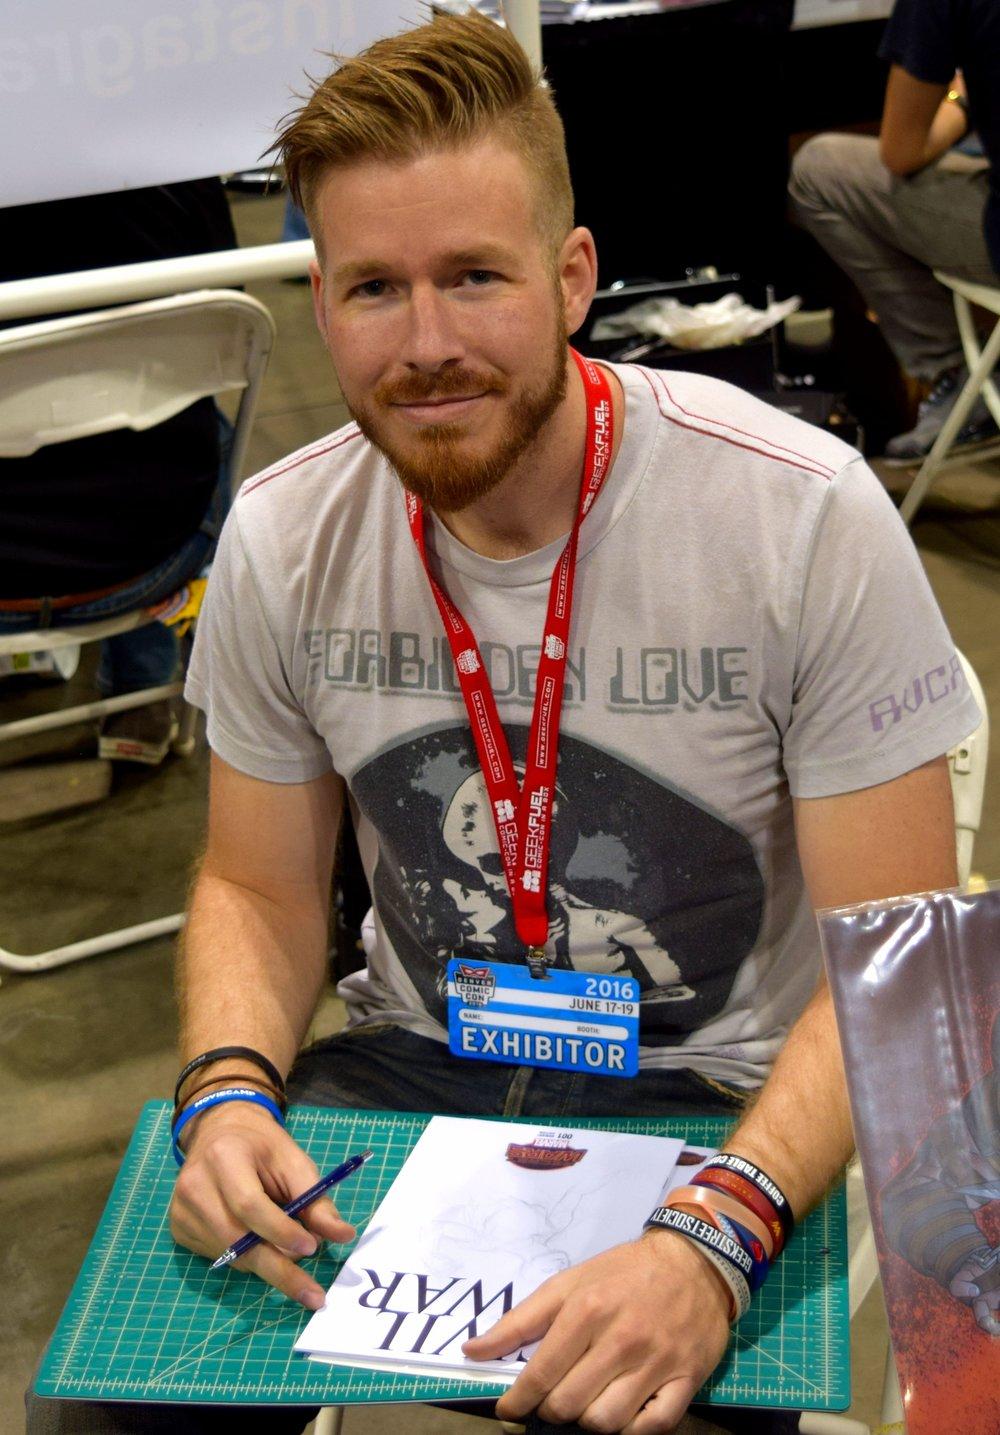 Red Team Go Colorado member Izik Bell.